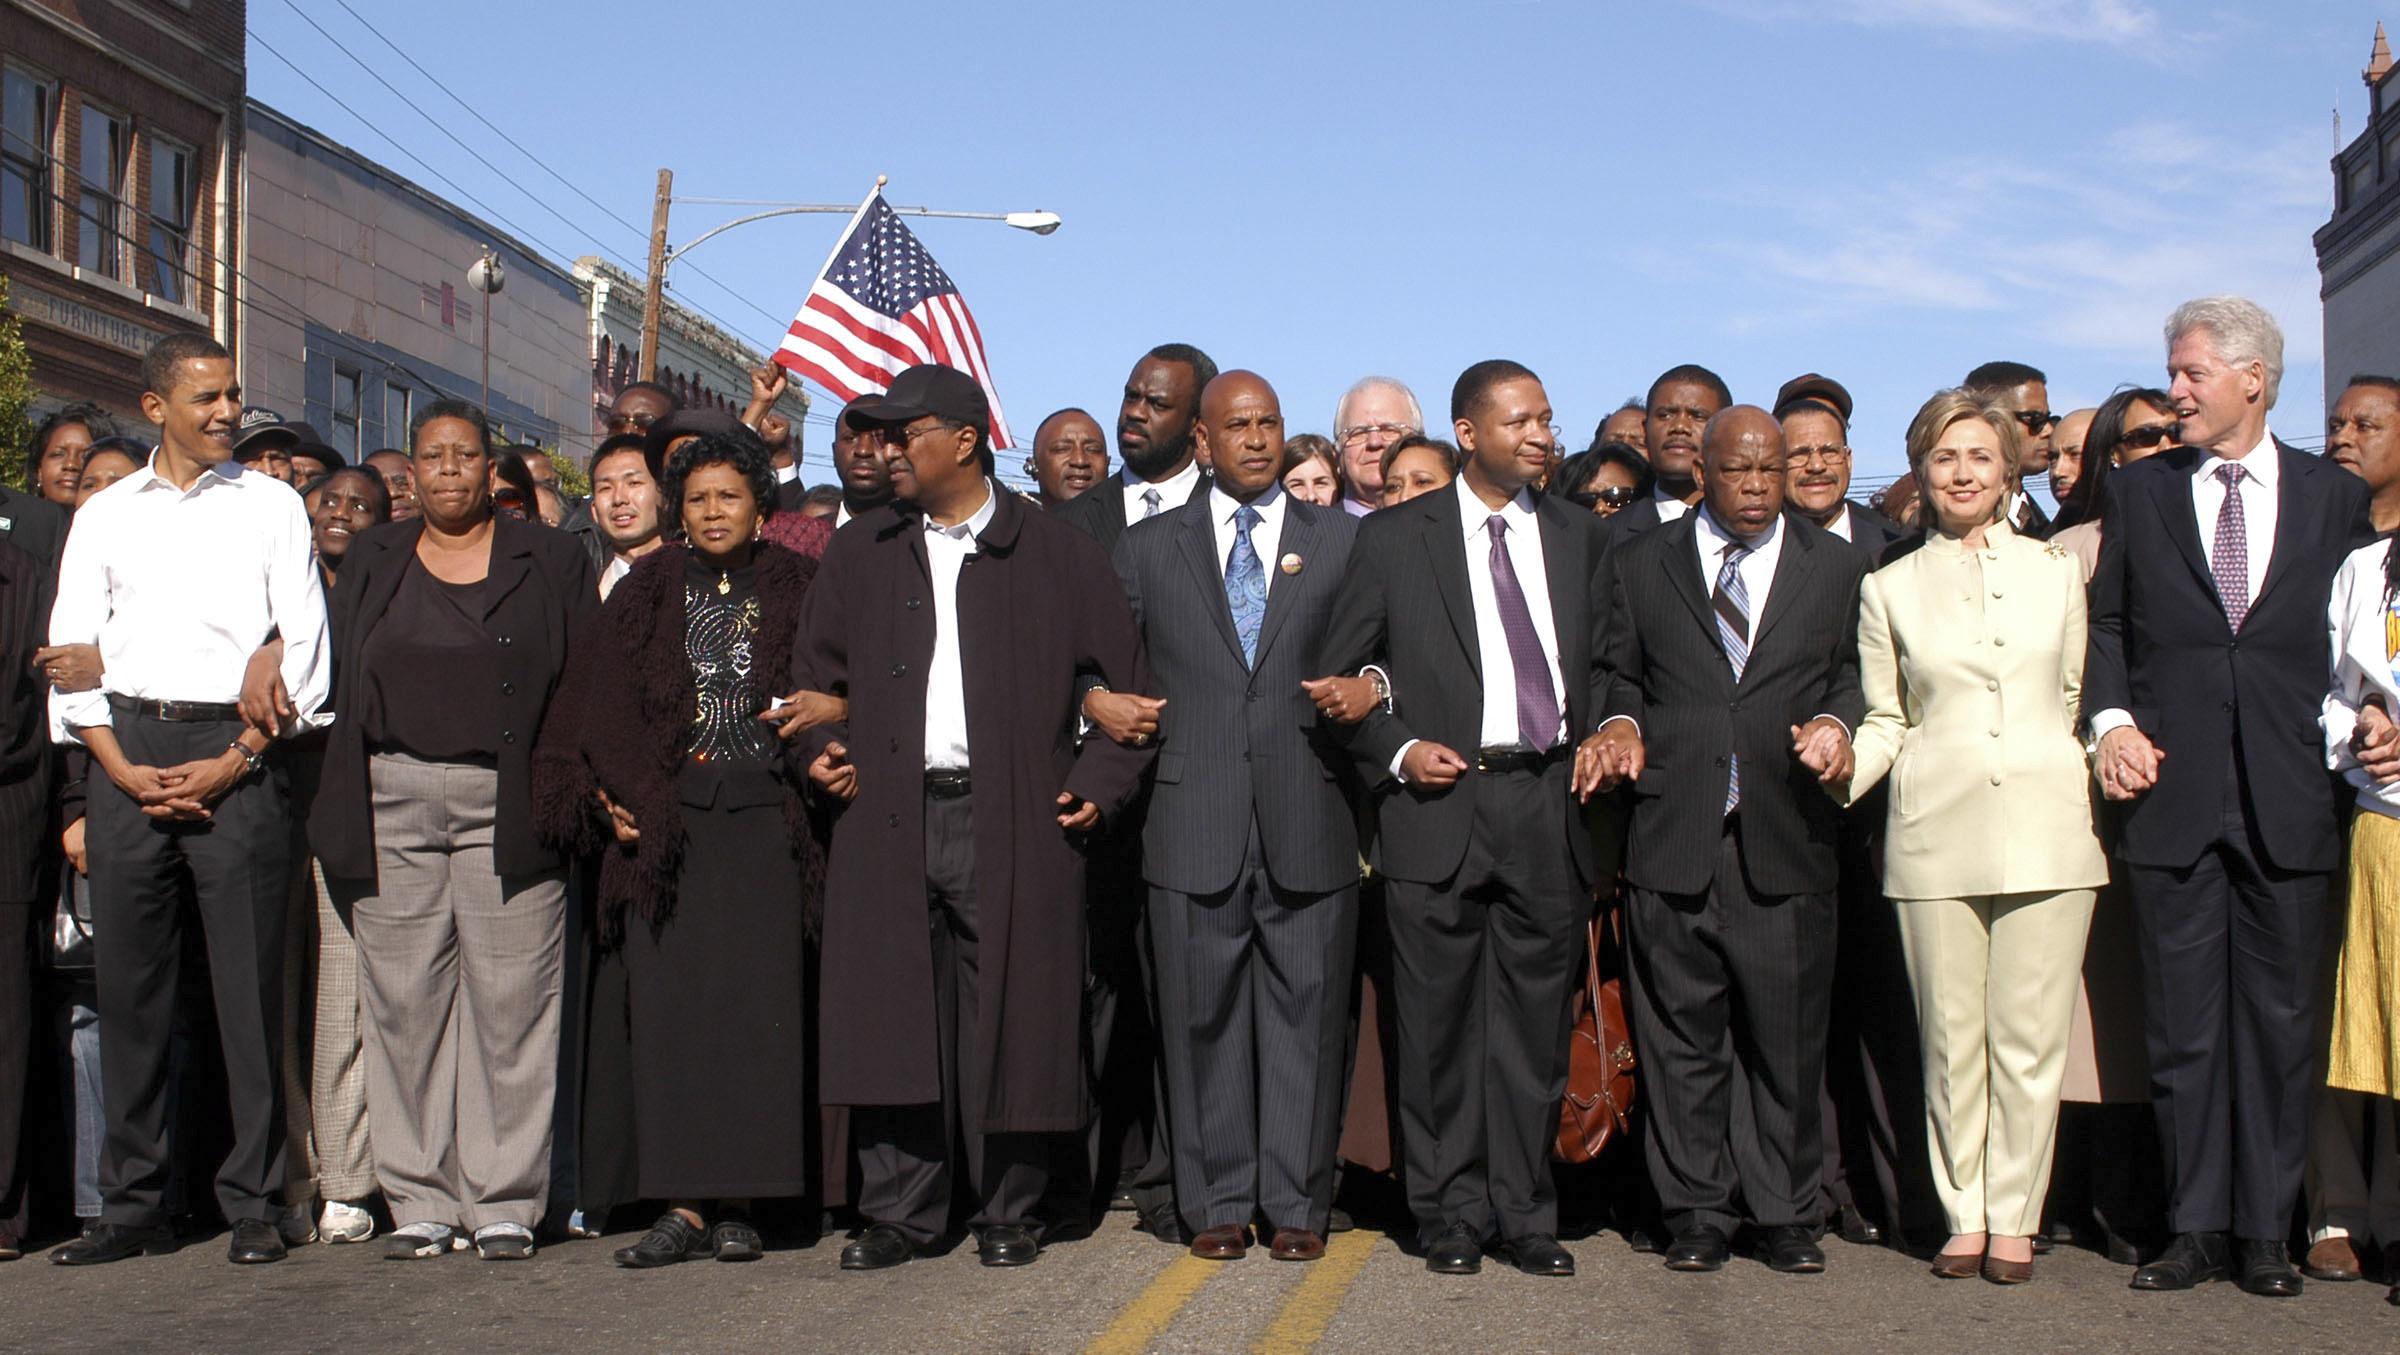 Illinois Senator Barack Obama, far left, former President Bi